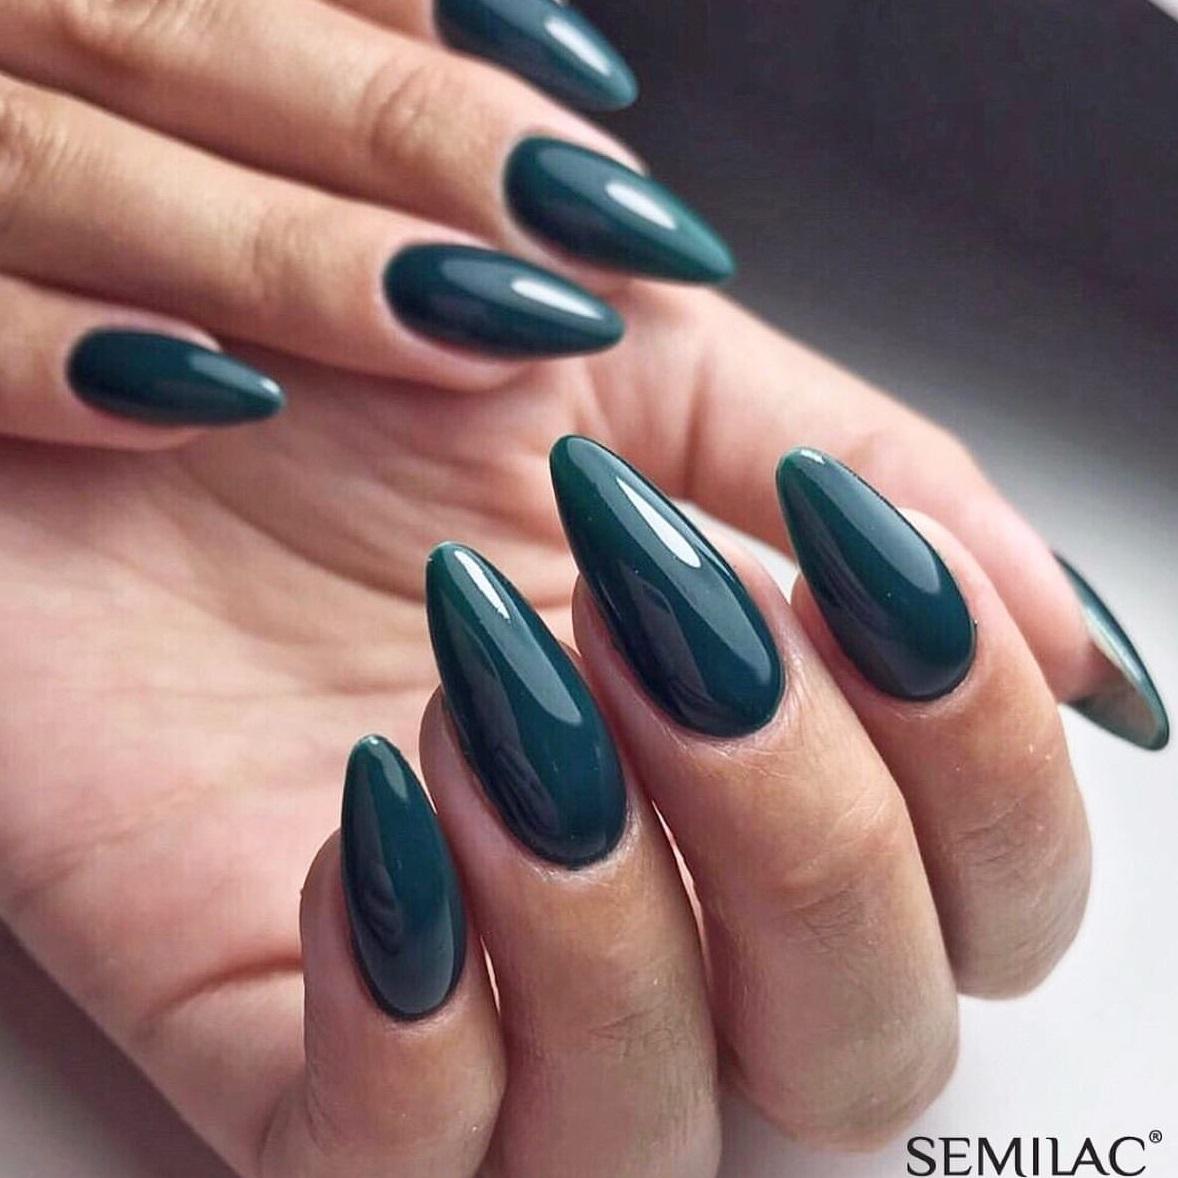 Semilac UV Hybrid Midnight Samba 179 7ml